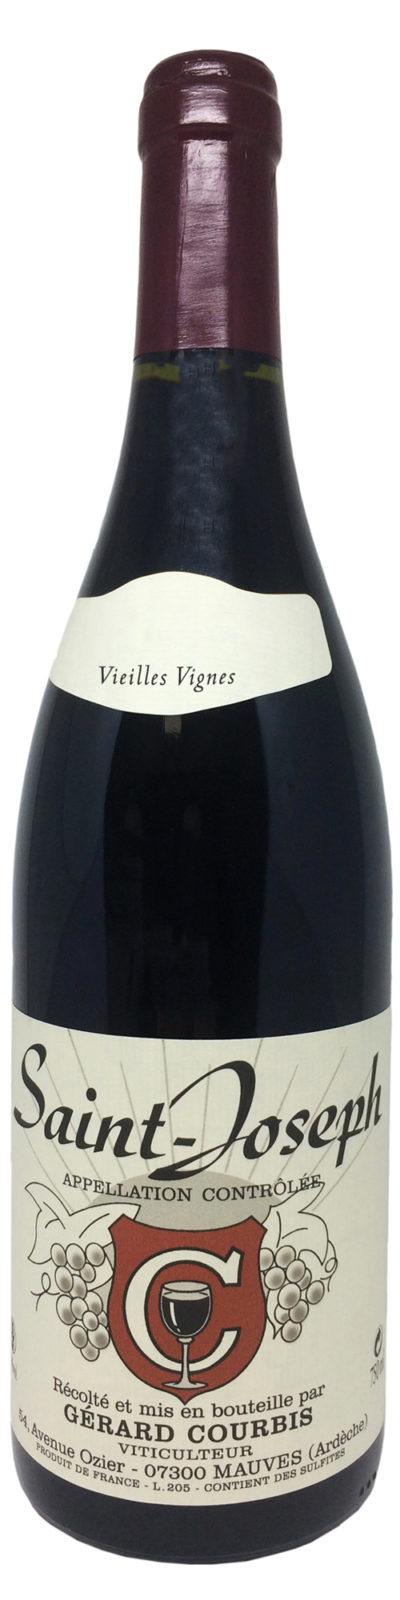 Courbis Saint Joseph Vieilles Vignes